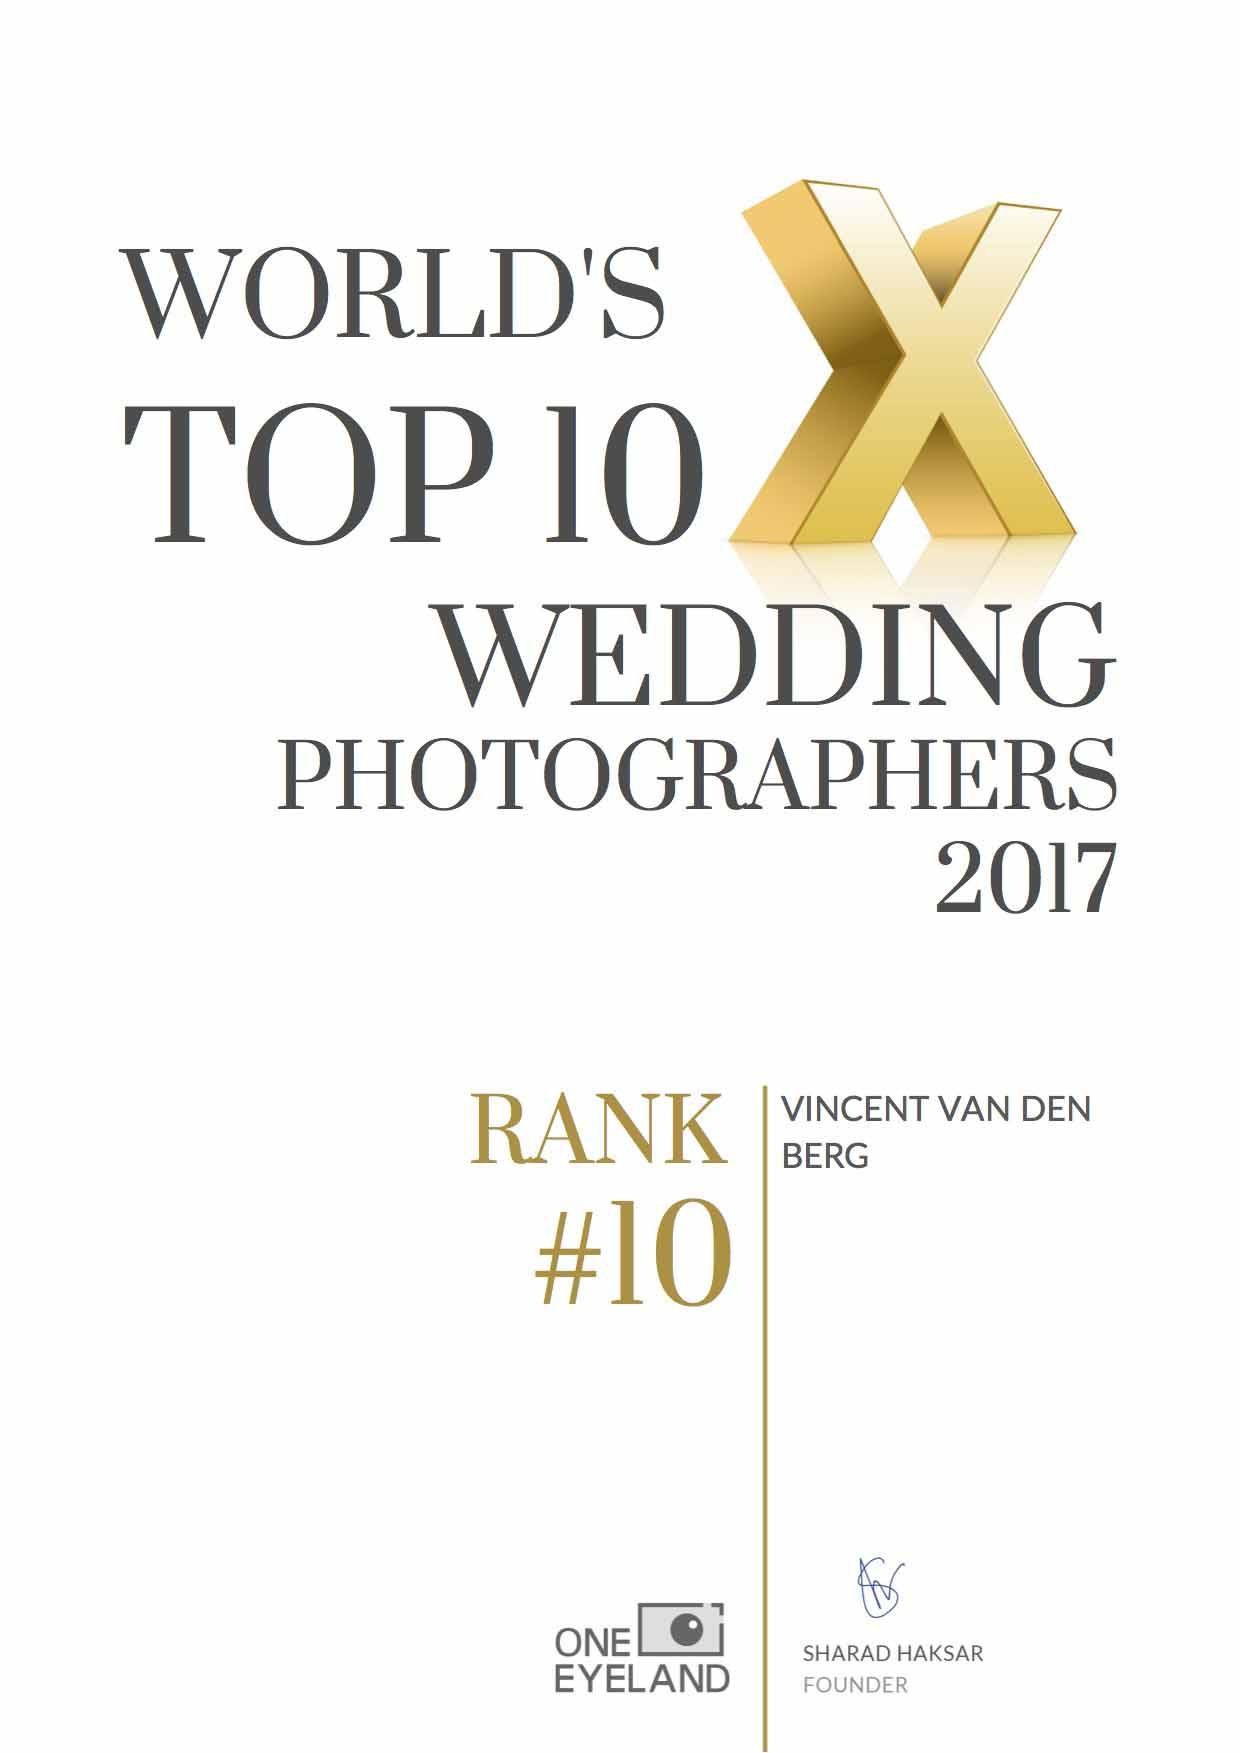 vincent-van-den-berg-wedding-world-rank10-2017